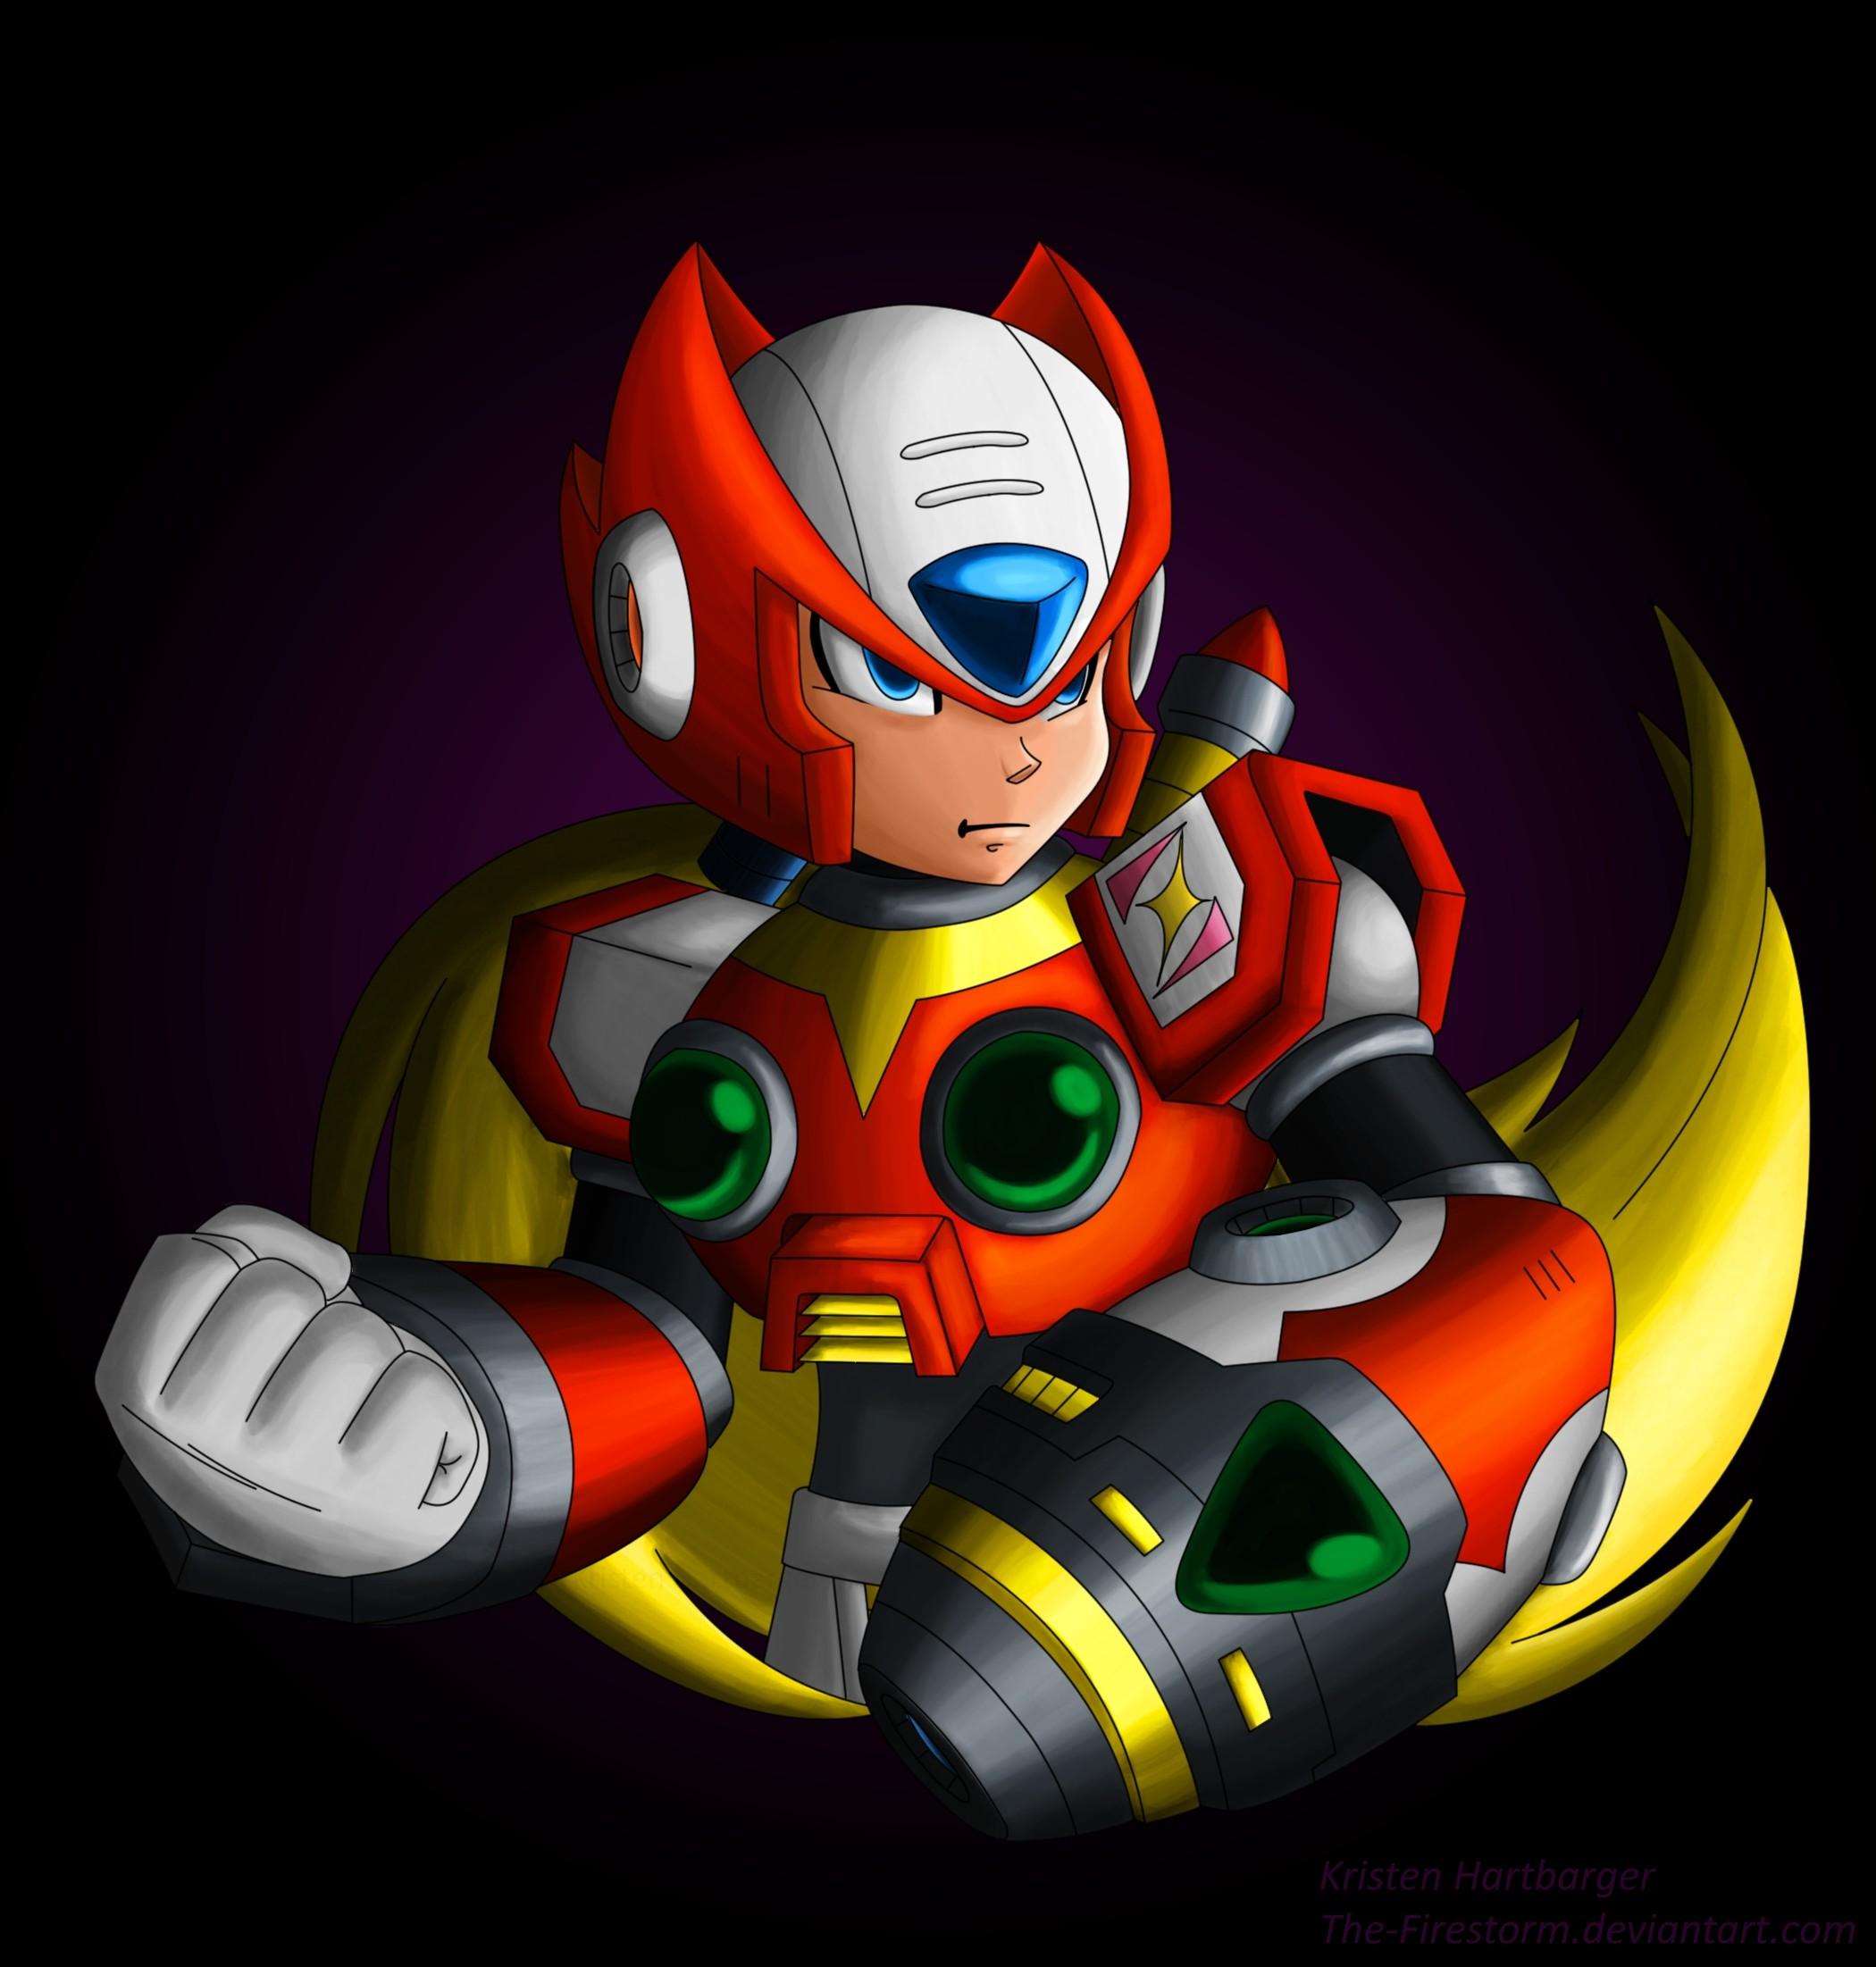 Zero (Megaman X) · download Zero (Megaman X) image